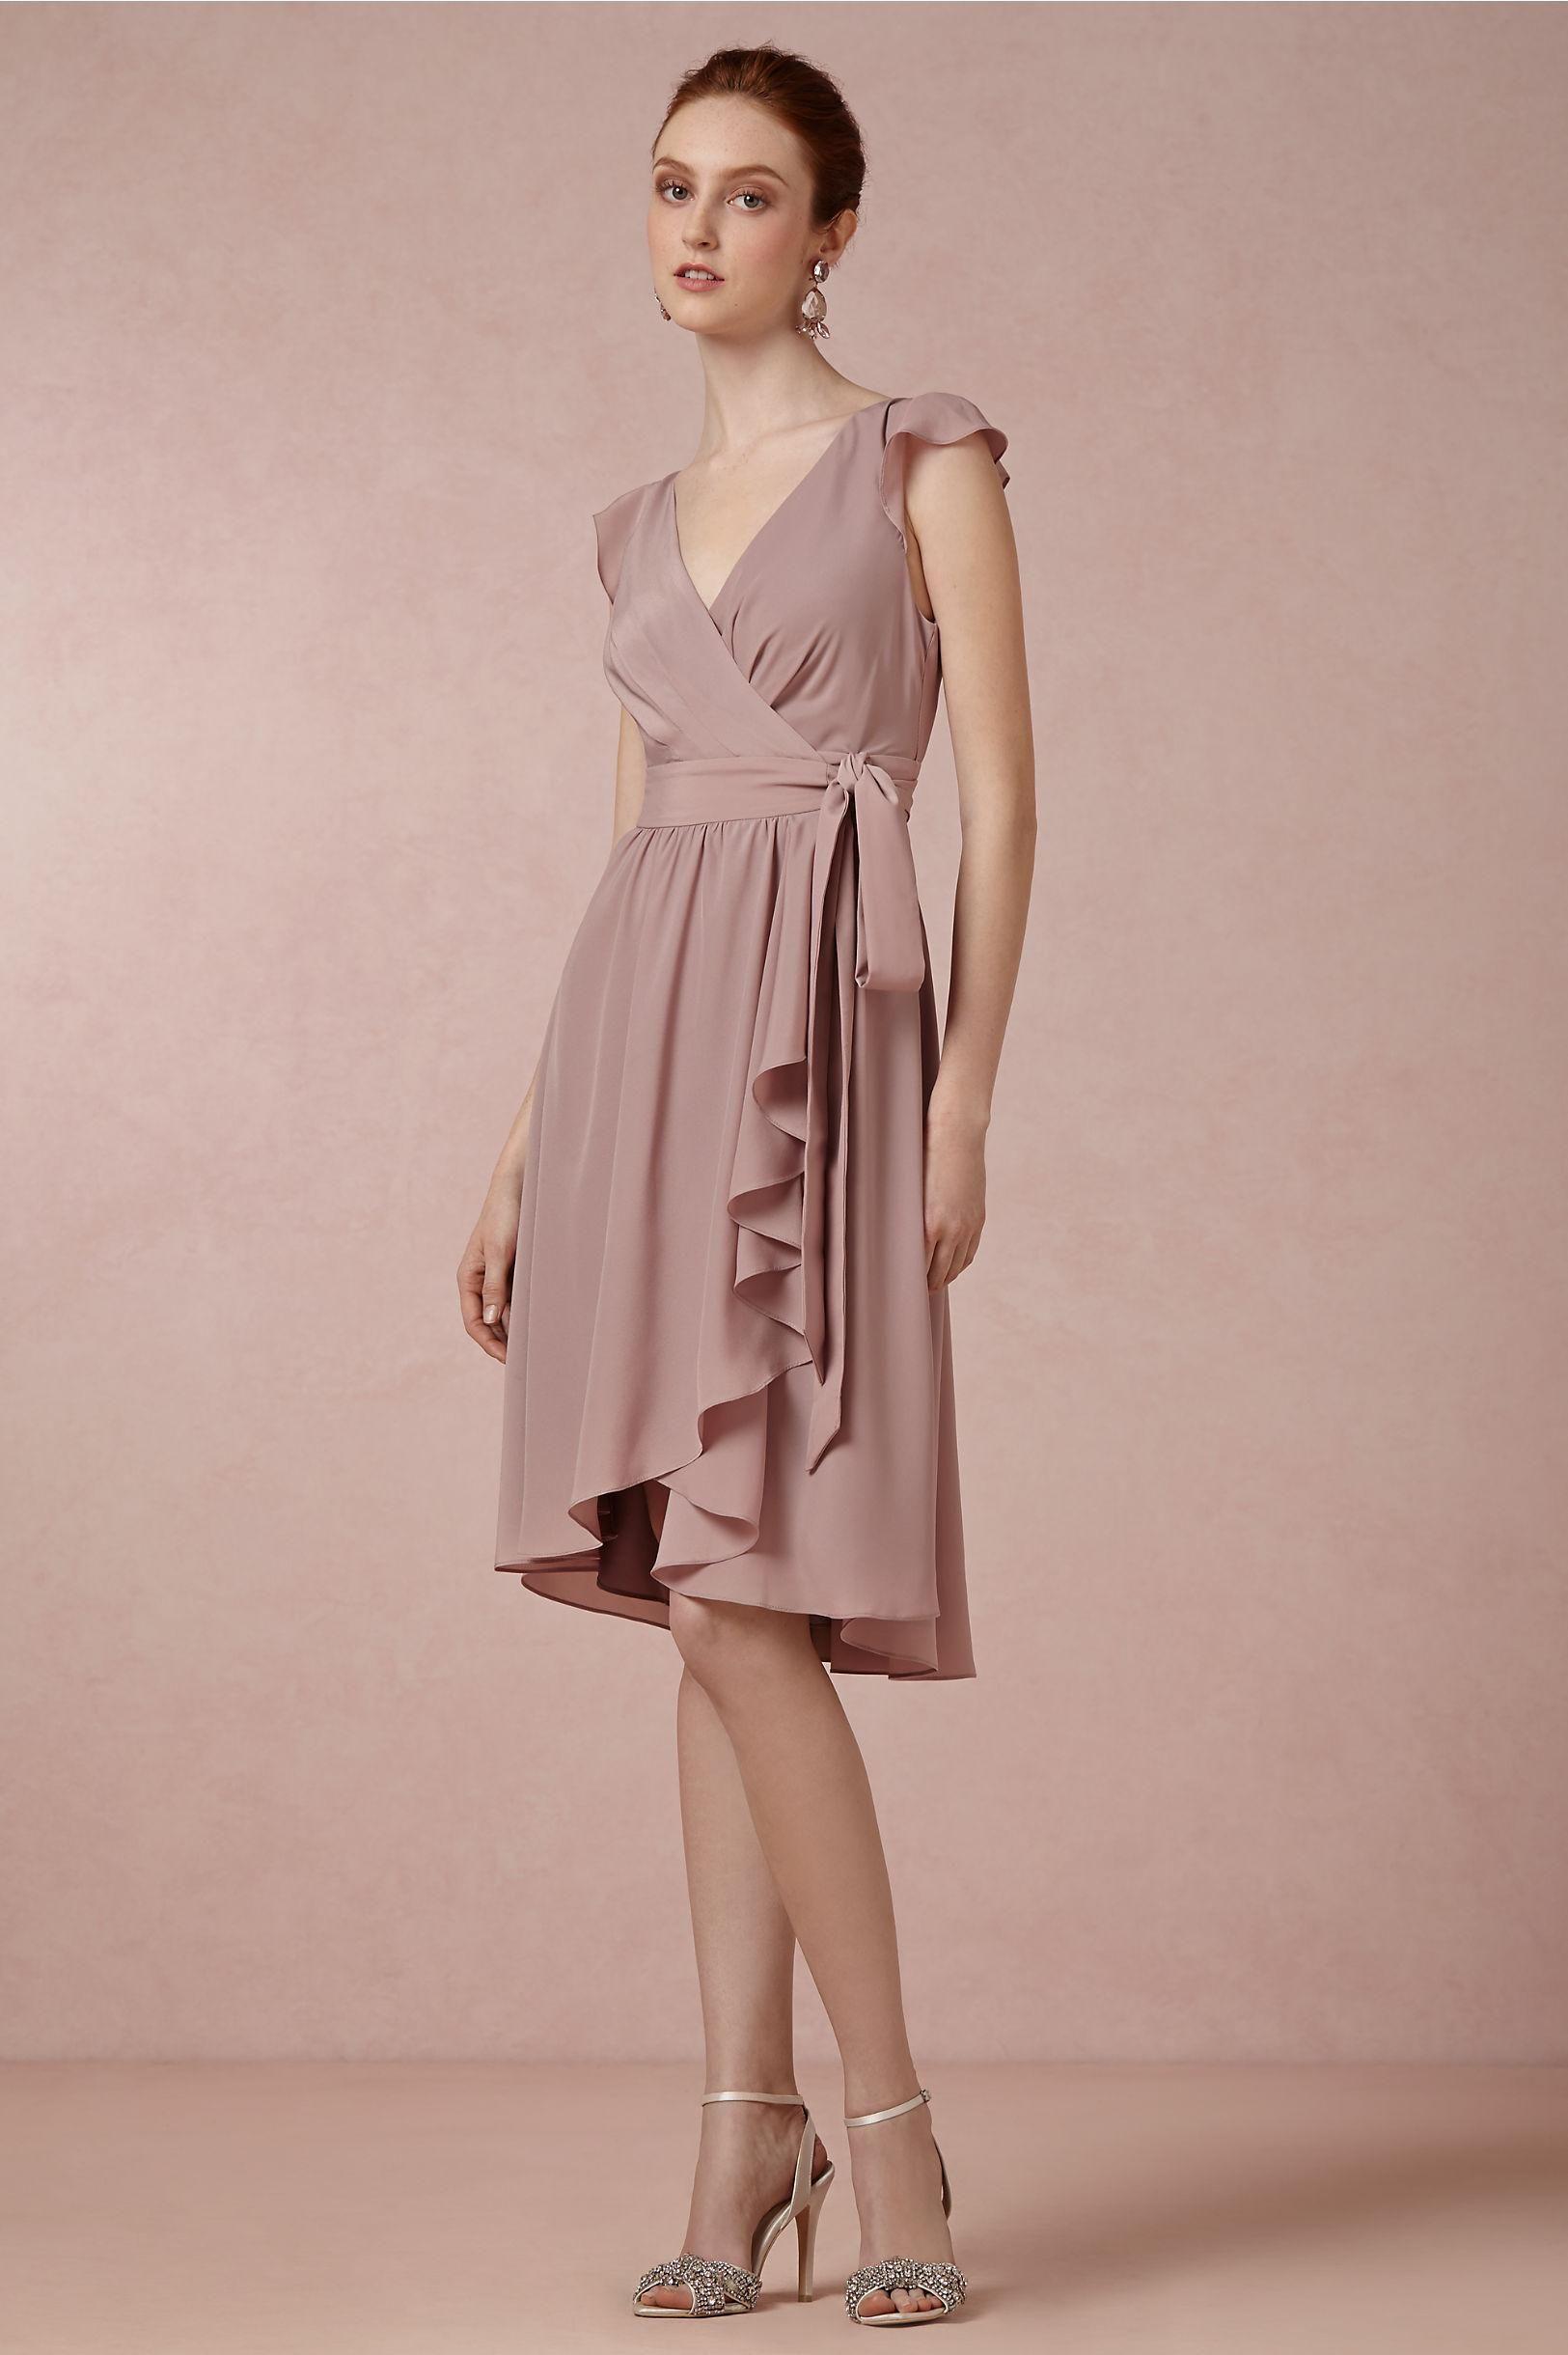 Sydney Bridesmaid Dress in Dusty Mauve from BHLDN | Purple Wedding ...